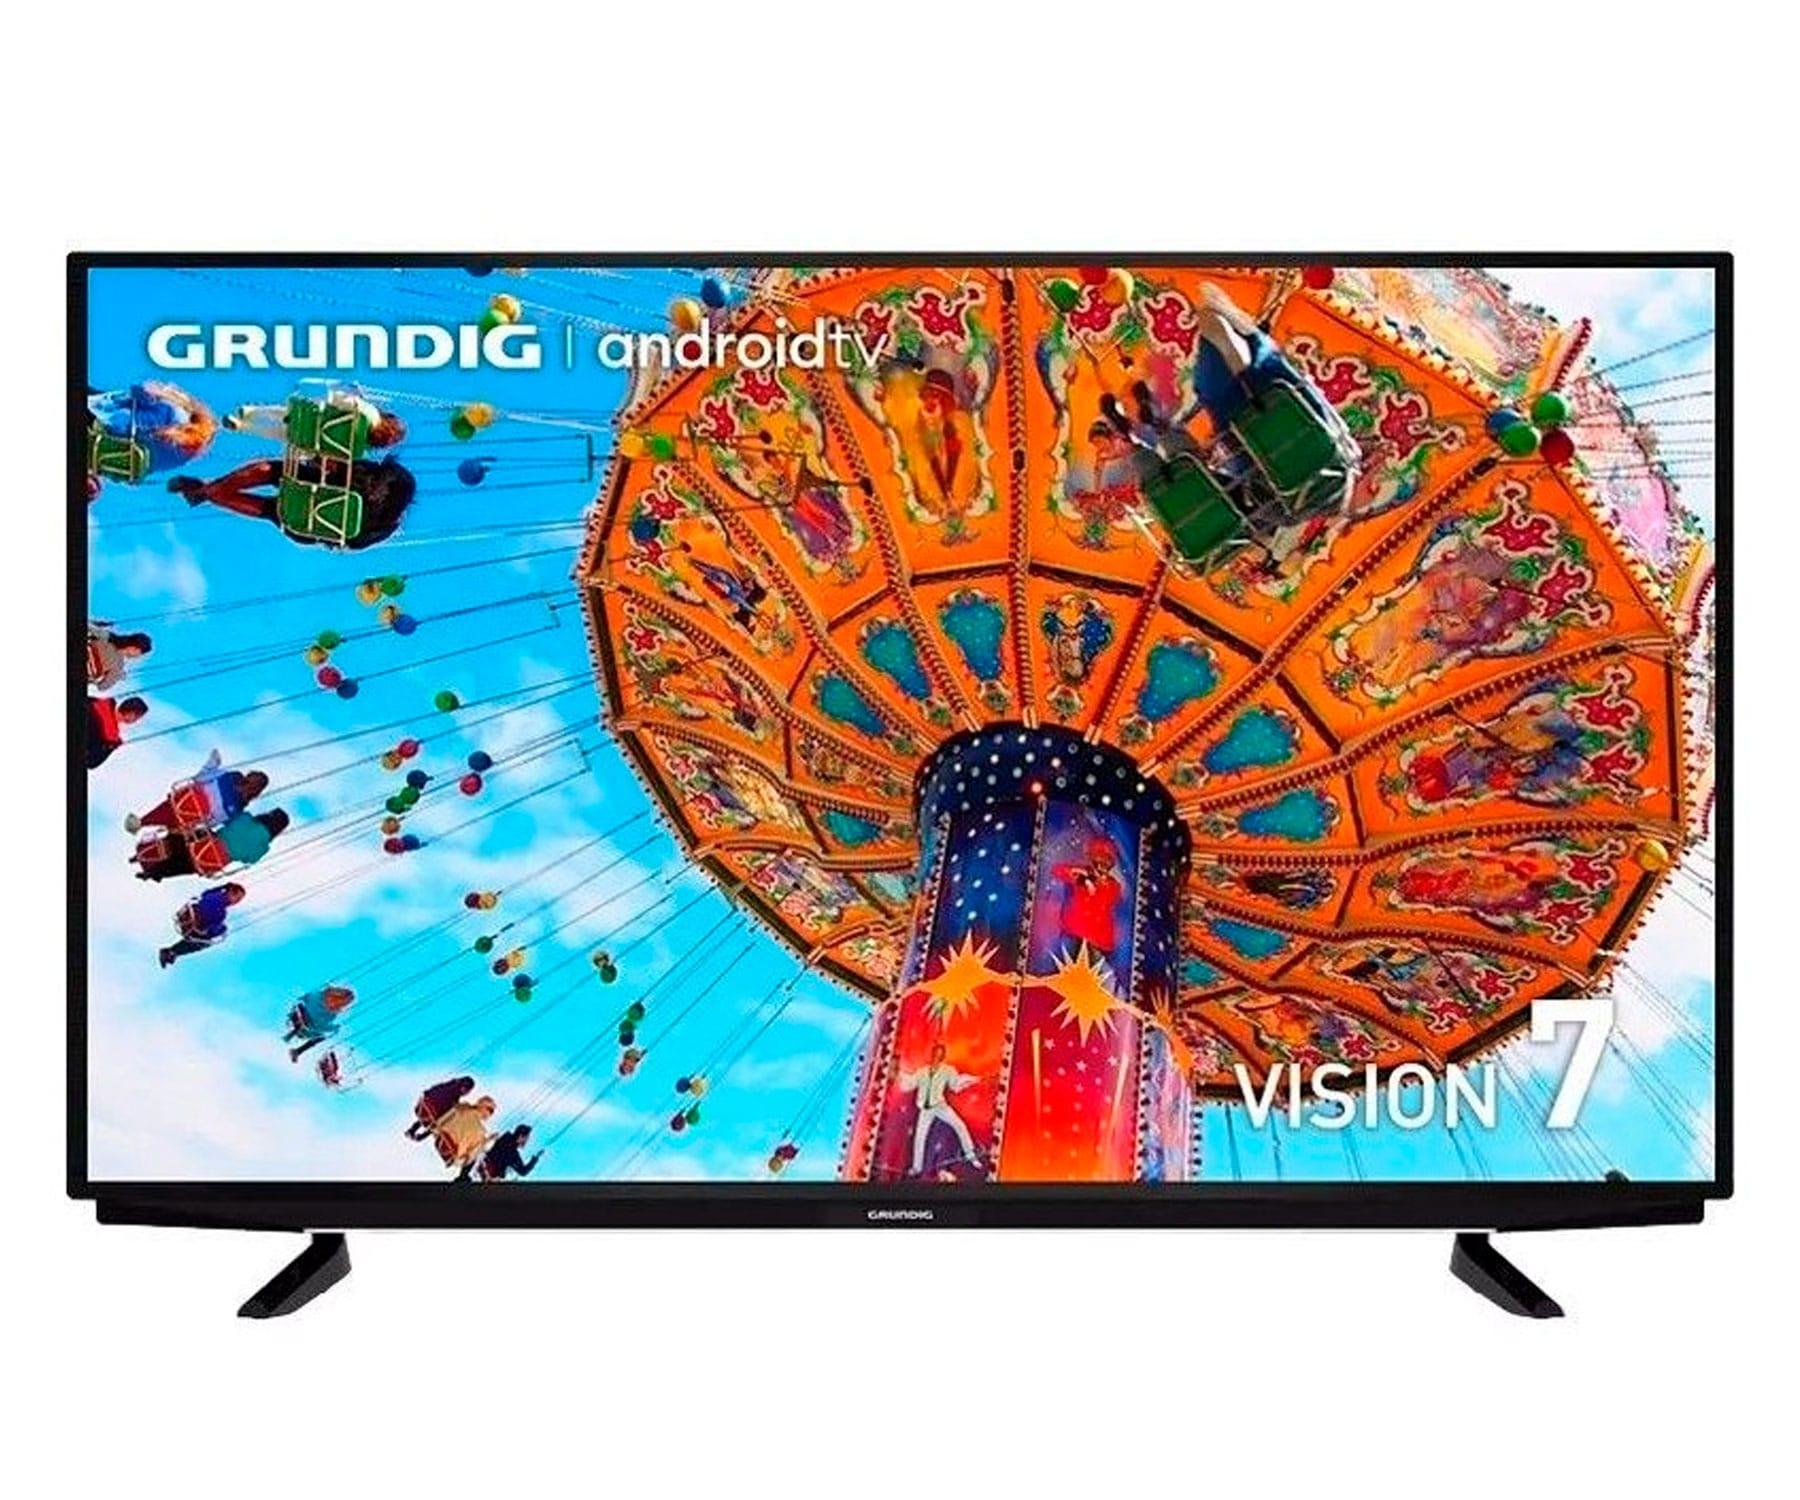 GRUNDIG 55GFU7960B TELEVISOR SMART TV 55'' UHD 4K HDR